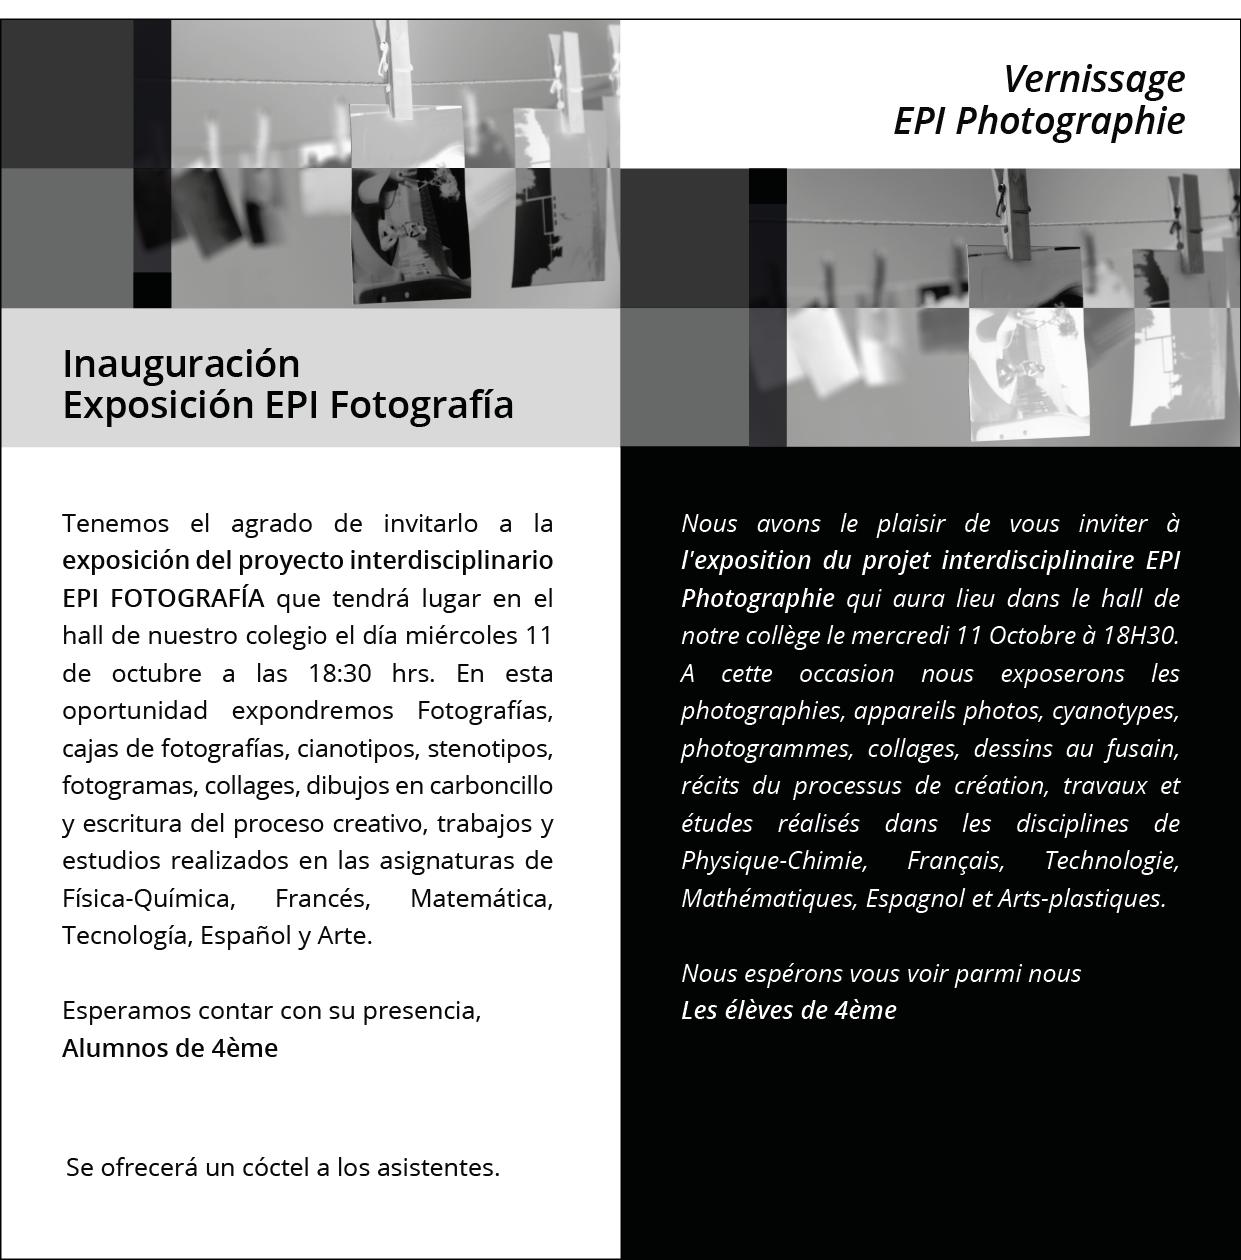 Spéciale invitation des 4èmes: Vernissage EPI Photographie